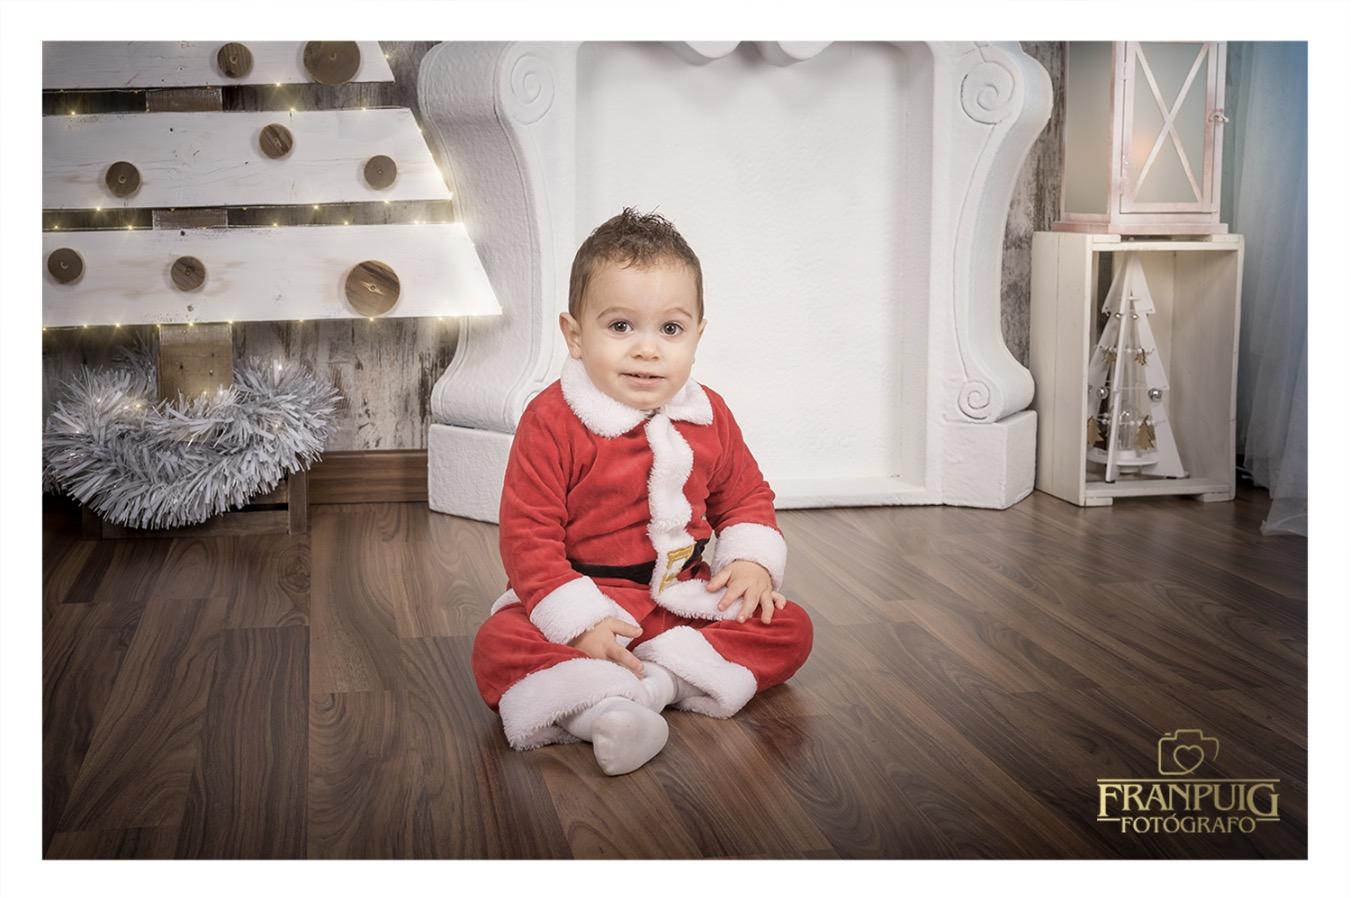 Mini sesiones navideñas Fran Puig Fotografo Crevillente